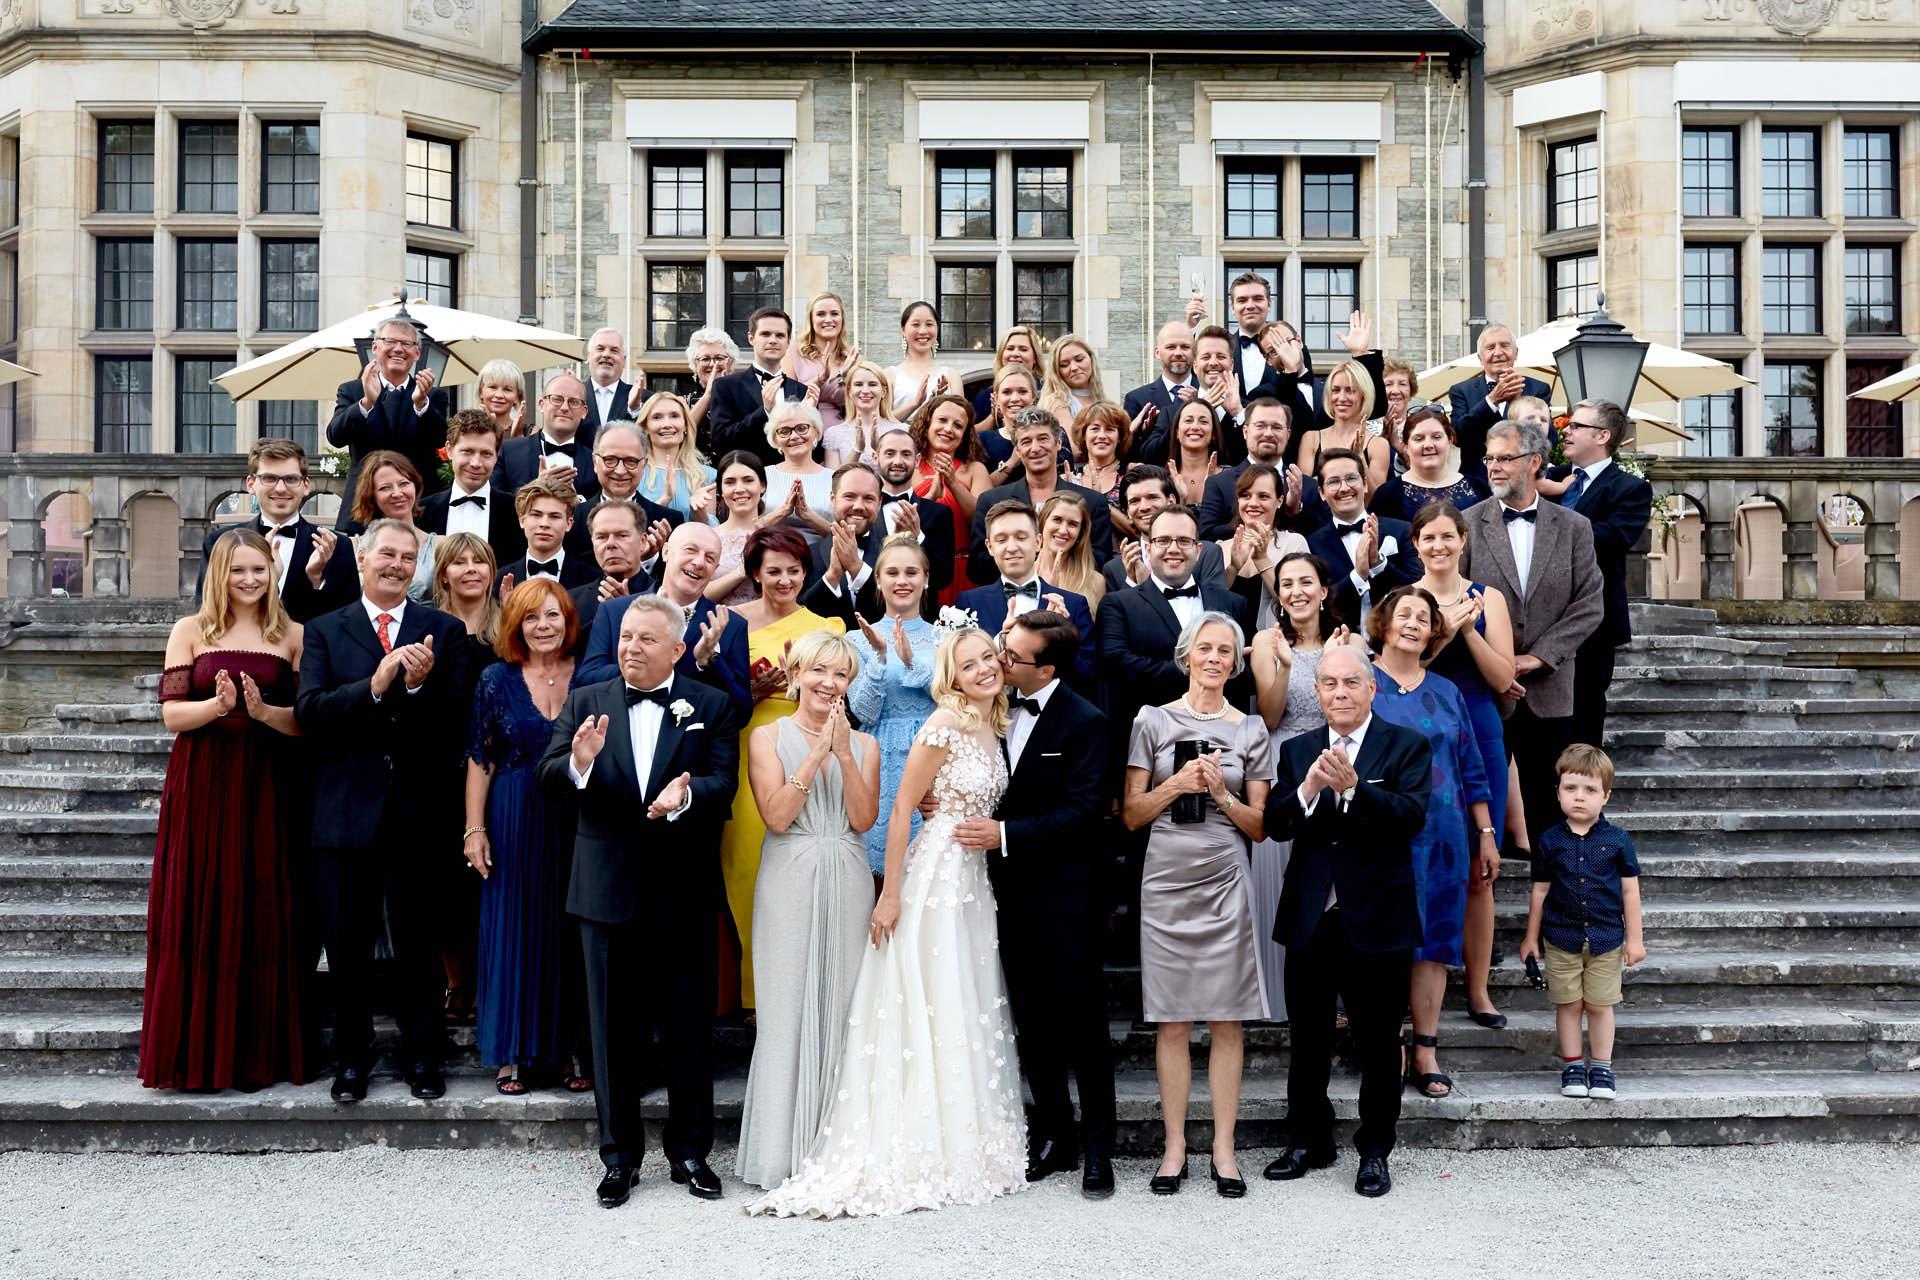 NS_450__Schlosshotel_Kronberg_#SchlosshotelKronberg_